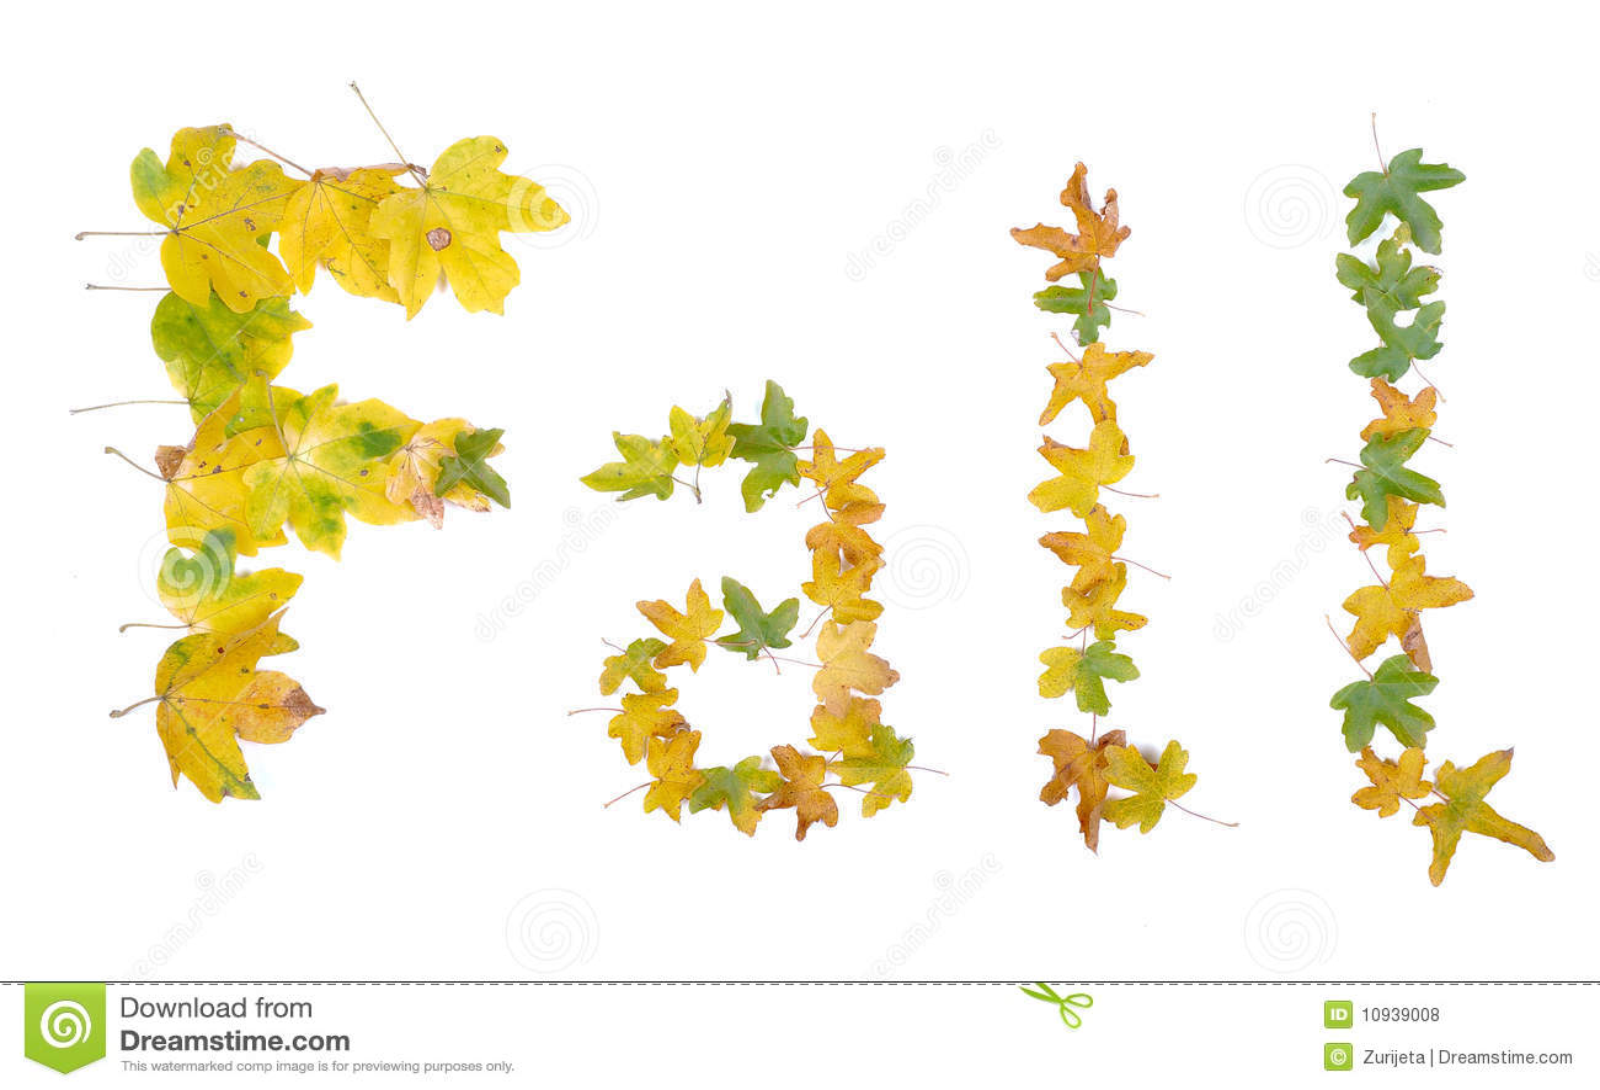 детали падают изолированная форма листьев